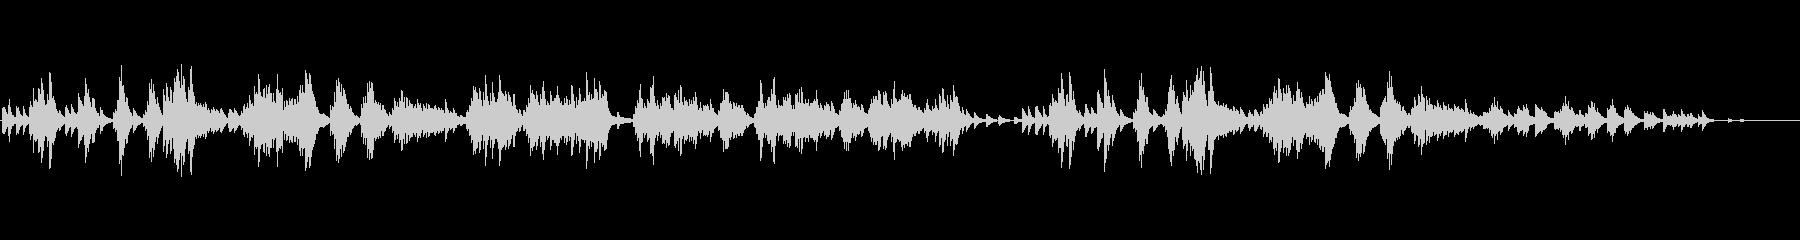 [秋] チャイコフスキー/オータムソングの未再生の波形